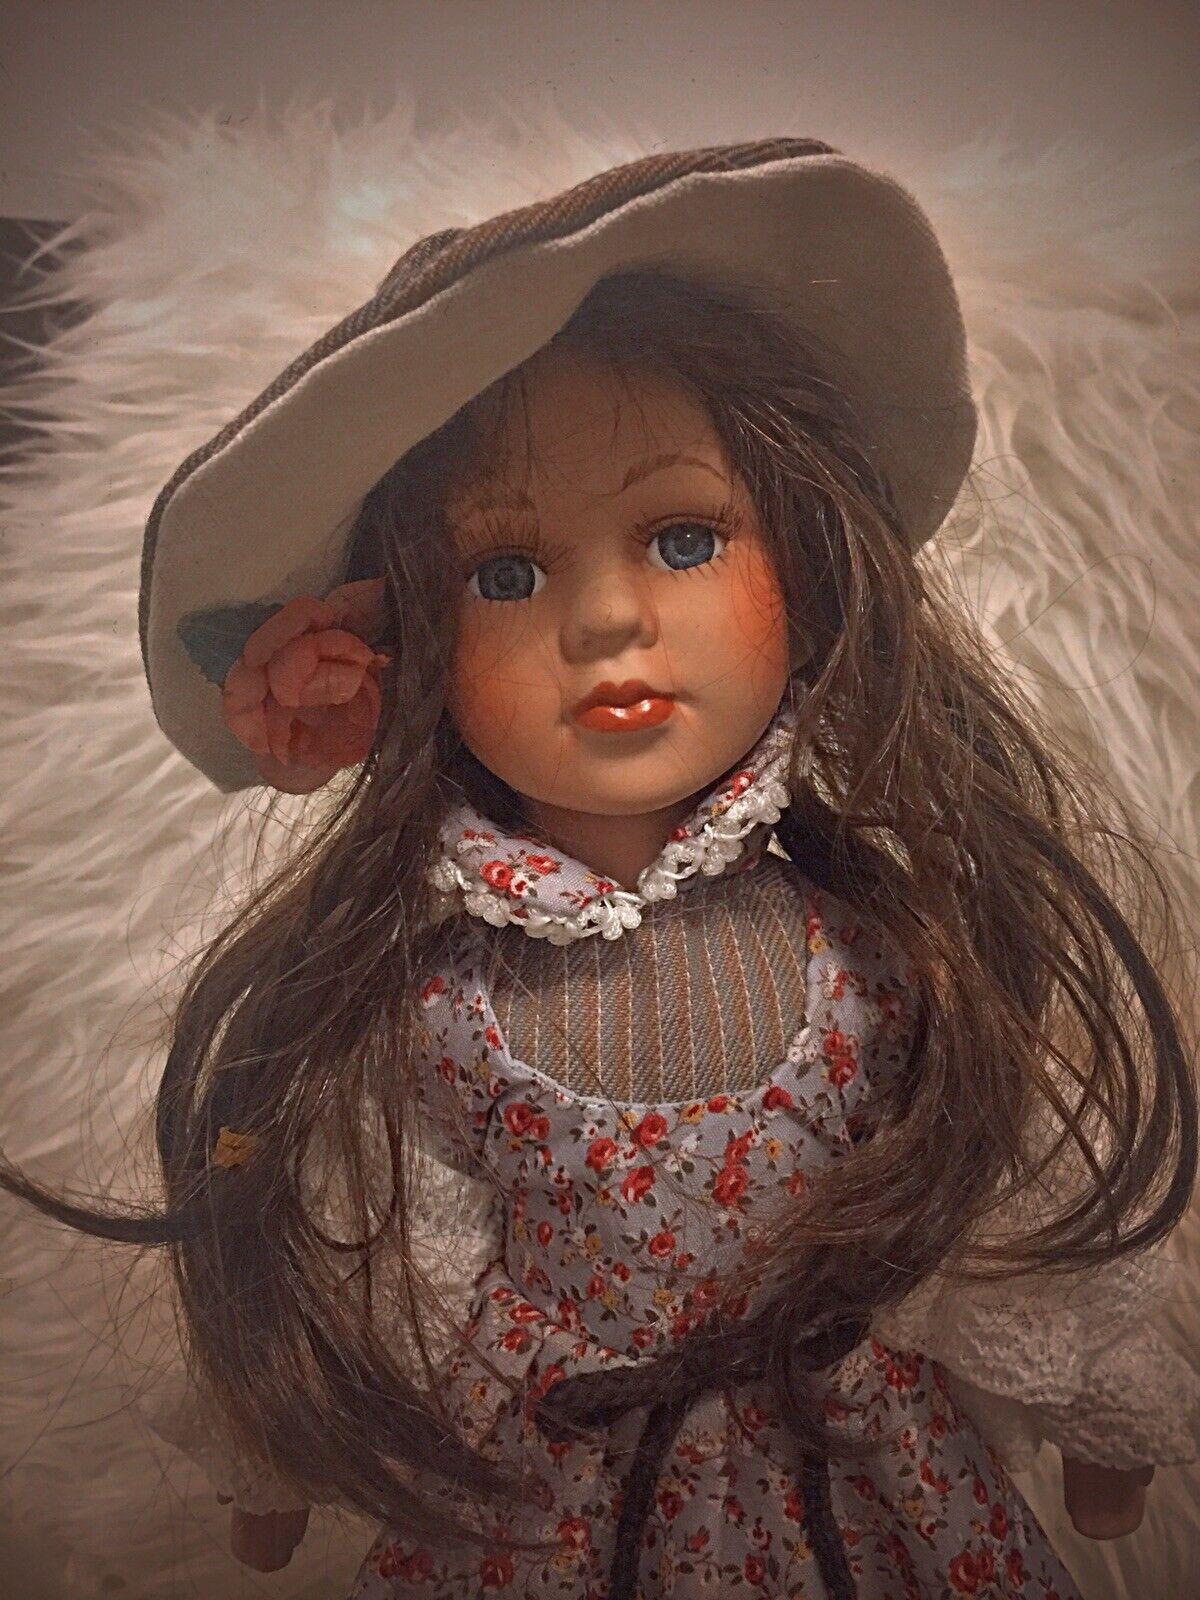 Details about vintage doll porcelain European doll 40 CM